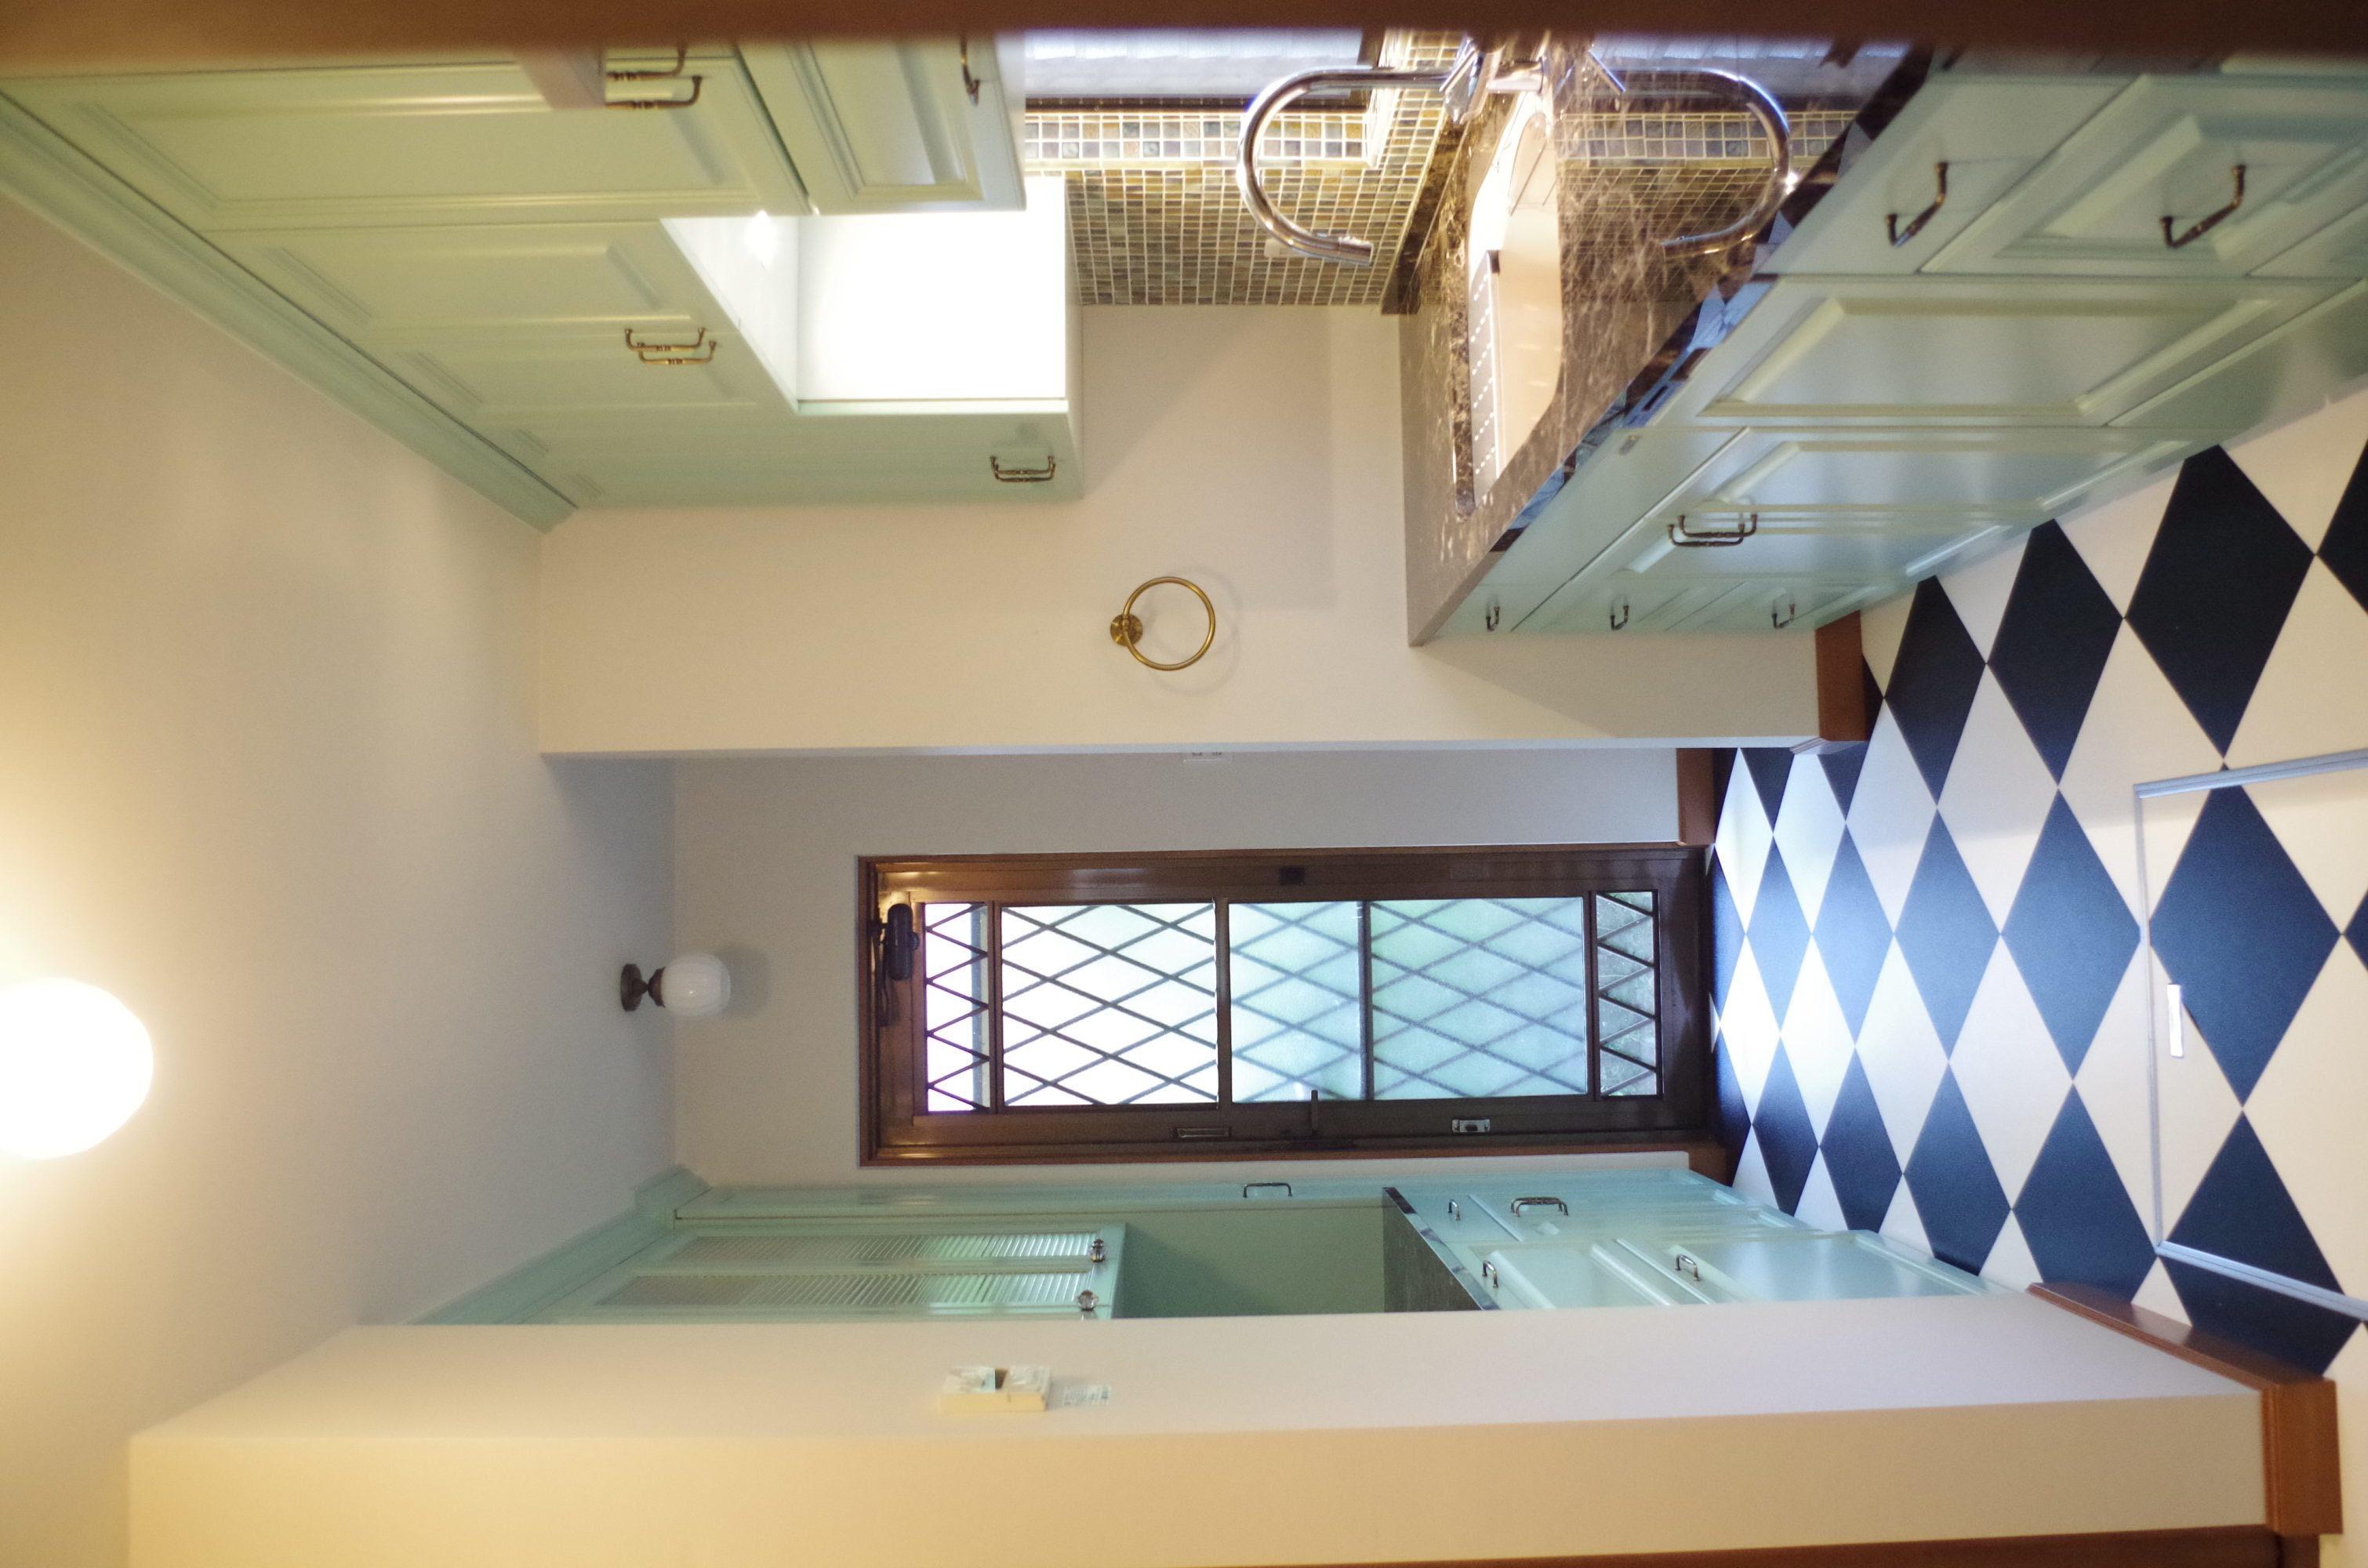 キッチンリフォームで床も壁も張り替えて美しく